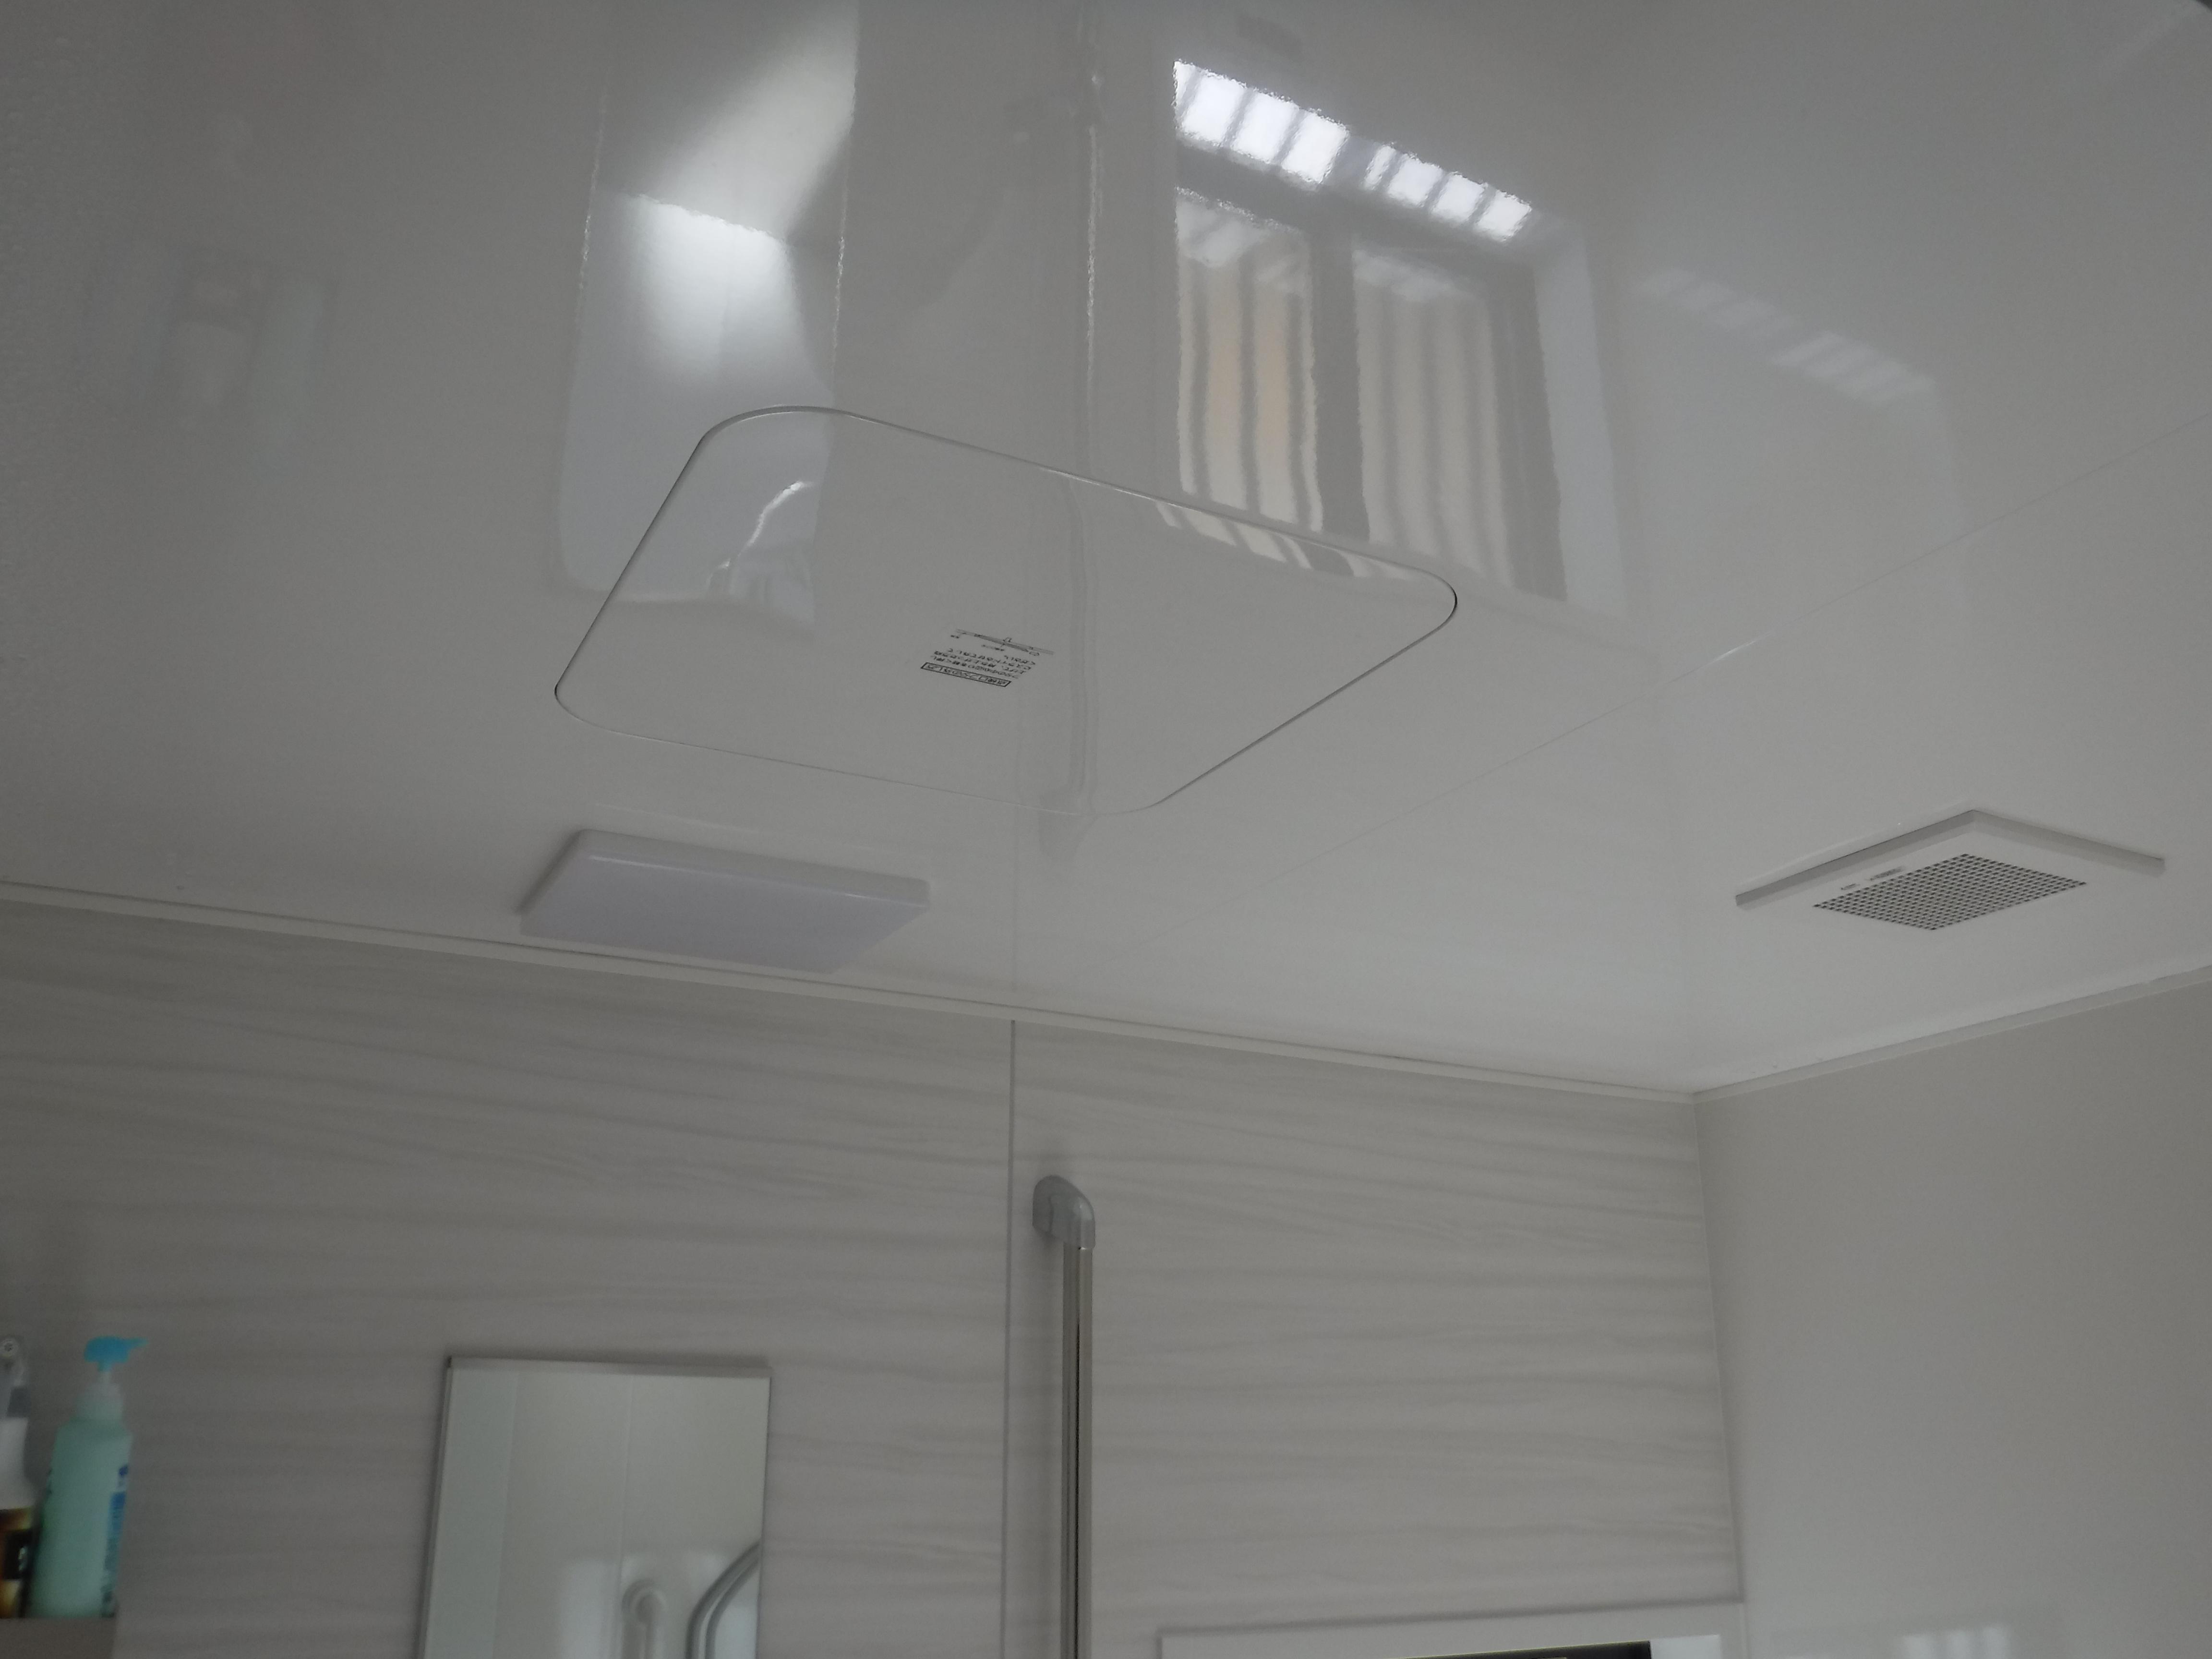 大きなお風呂のままで改装工事 高光沢フラット天井